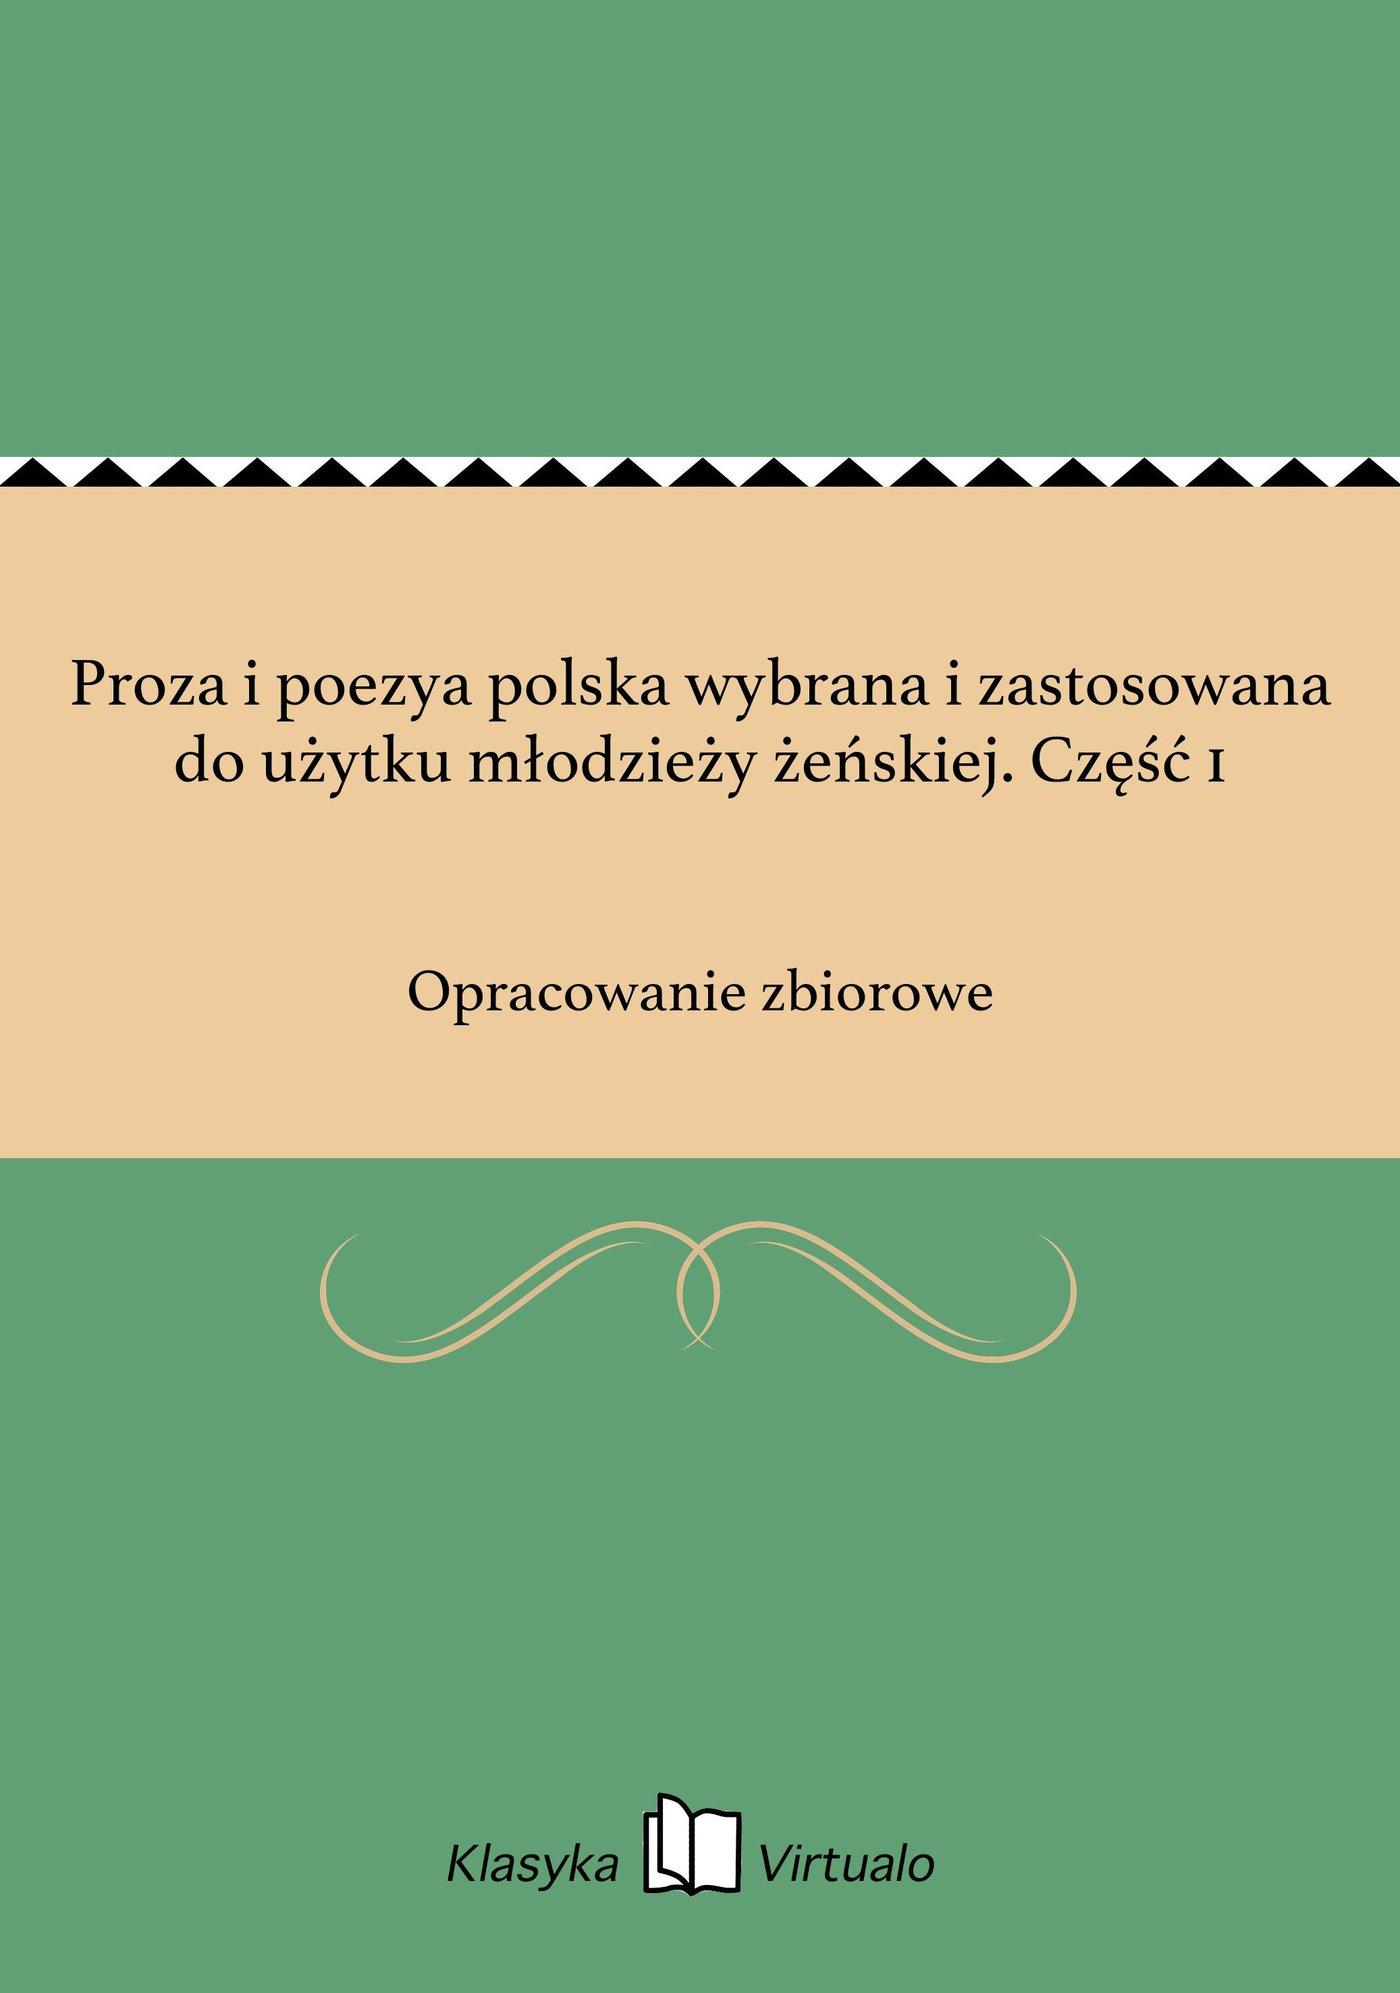 Proza i poezya polska wybrana i zastosowana do użytku młodzieży żeńskiej. Część 1 - Ebook (Książka EPUB) do pobrania w formacie EPUB